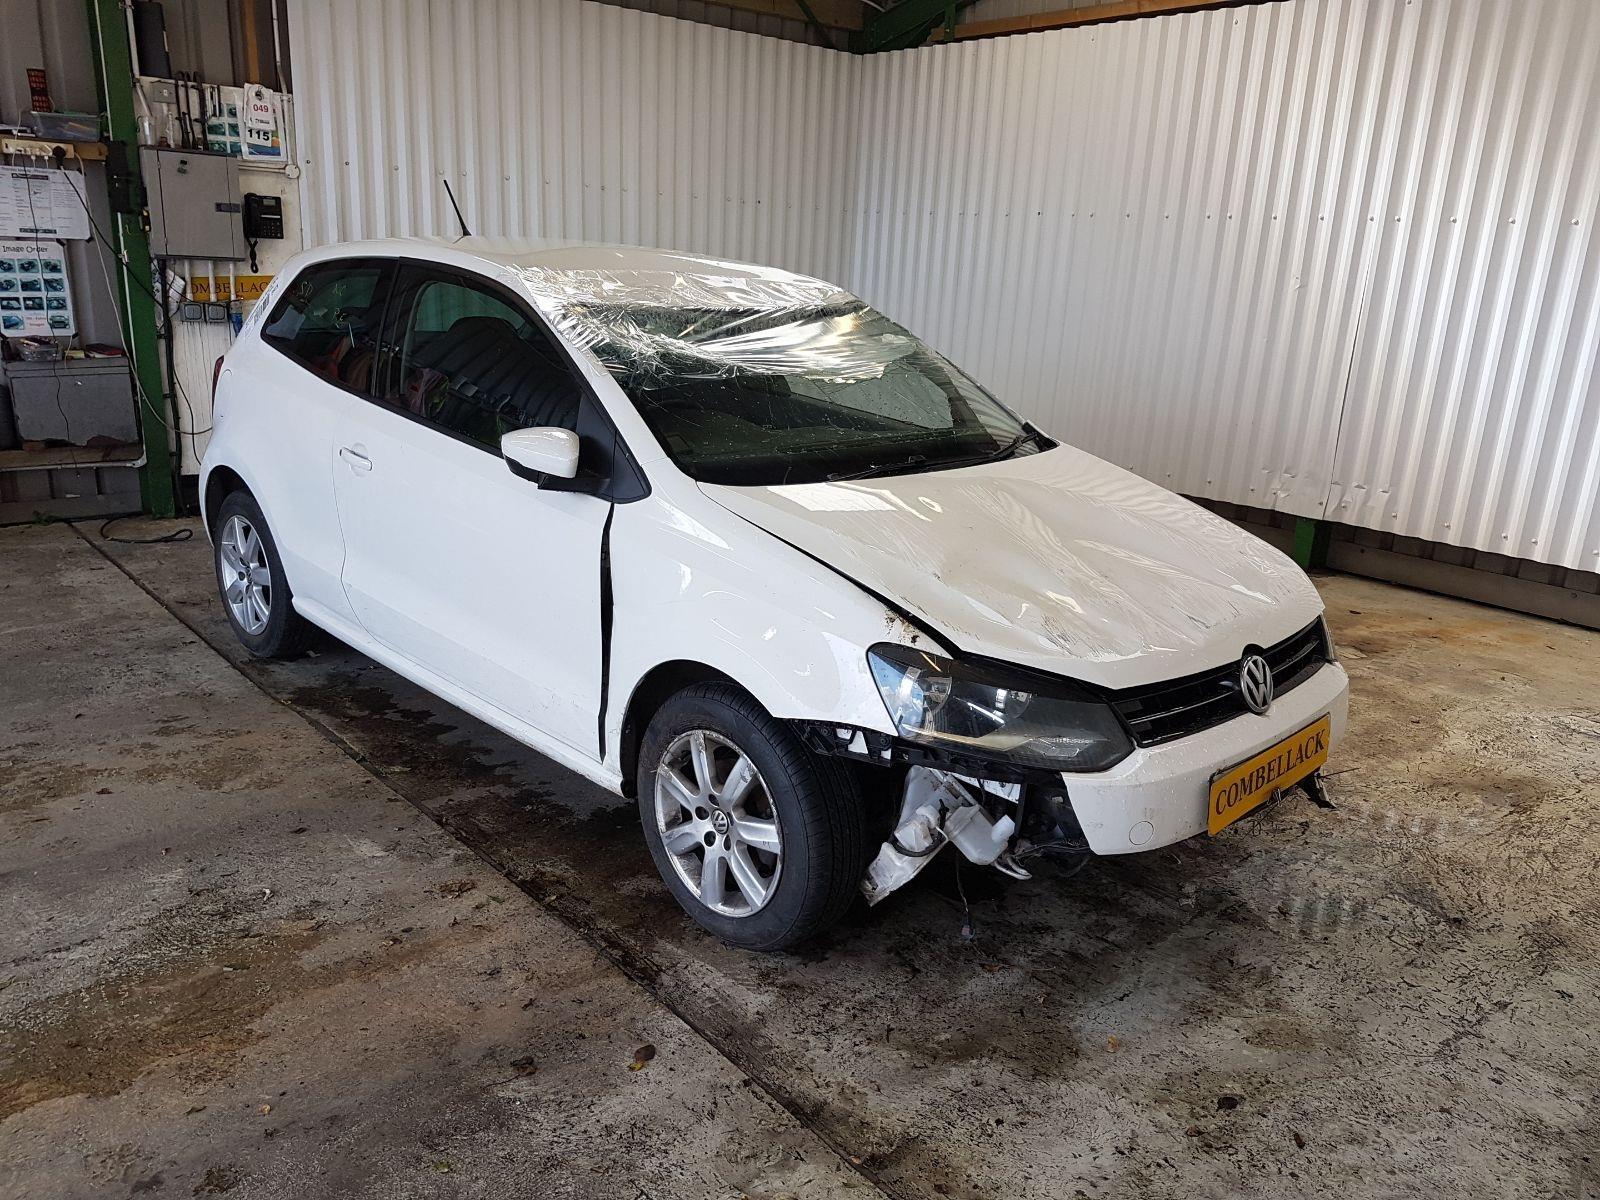 Volkswagen Polo 2010 To 2014 Match Edition 3 Door Hatchback